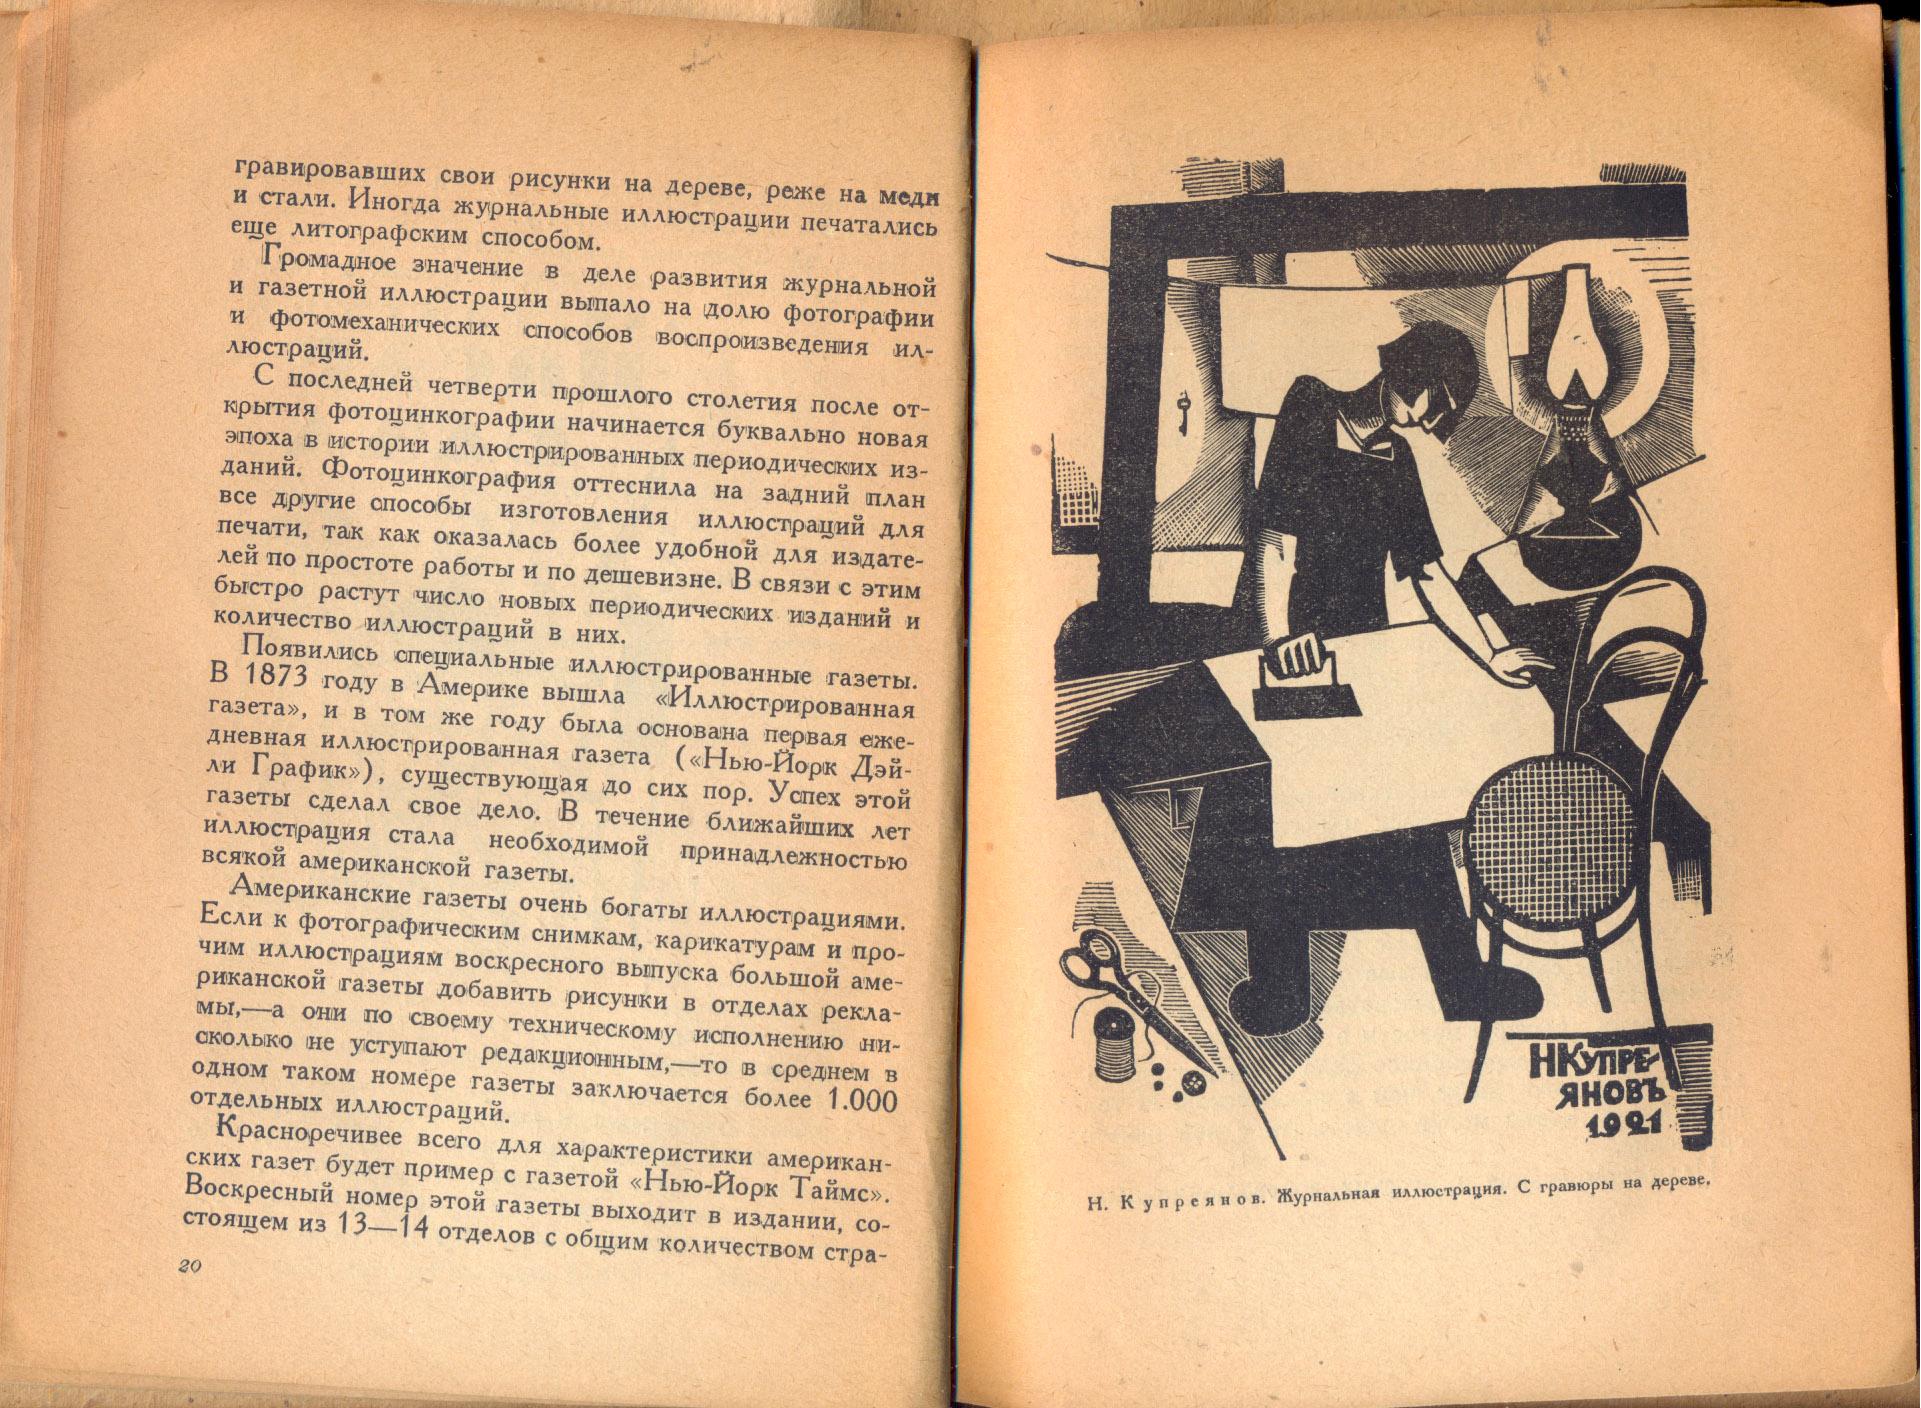 иллюстрация в книге 20.jpg